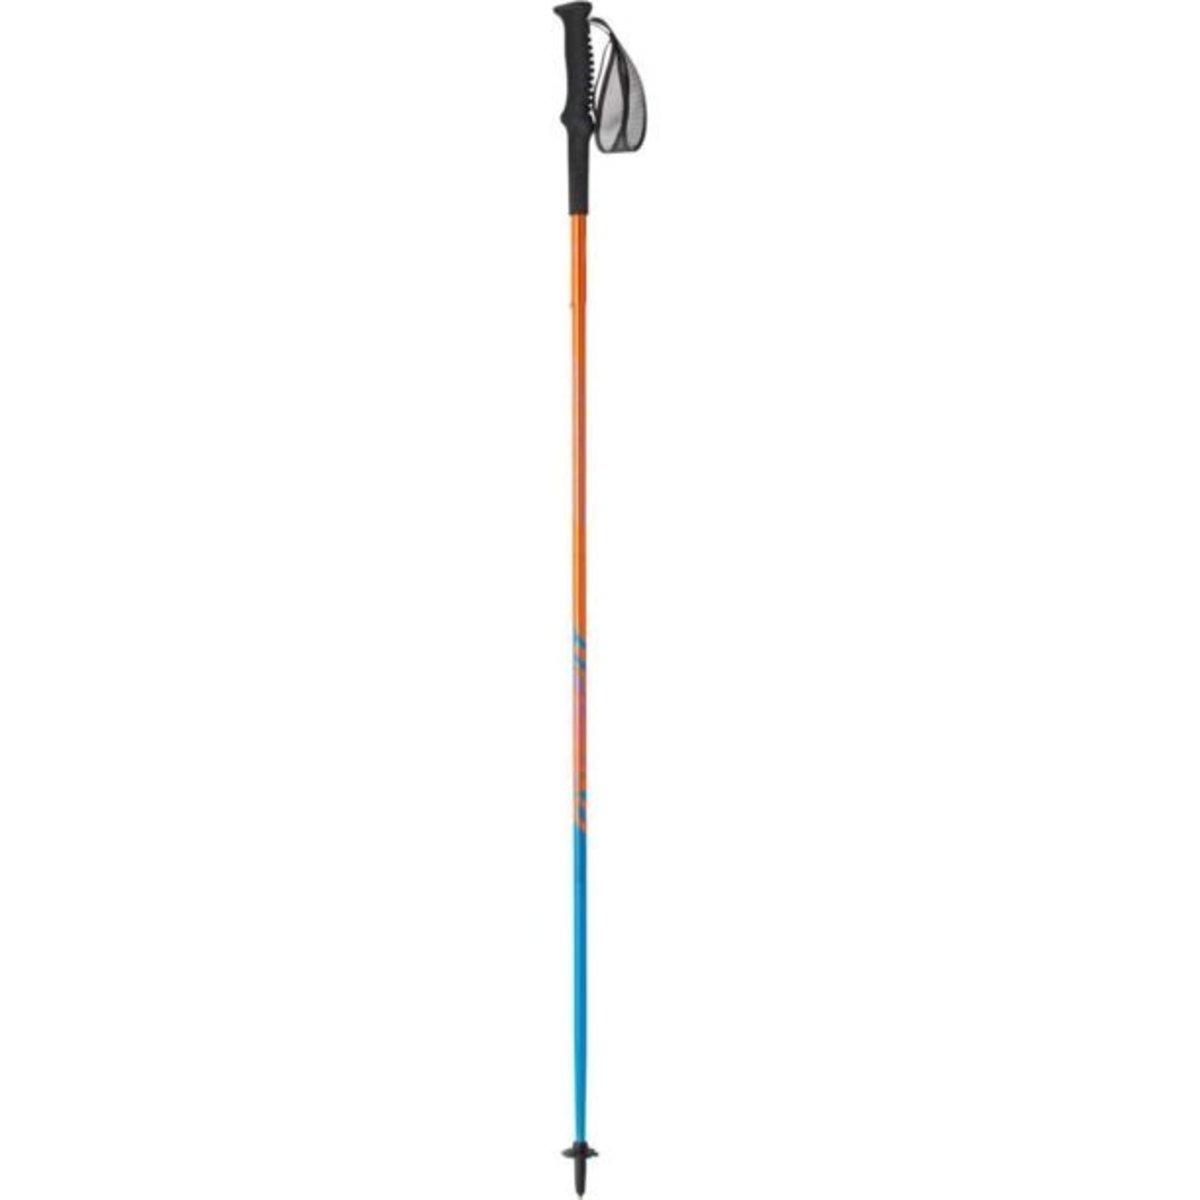 Vert Pole General Lee/Methyl Blue 120